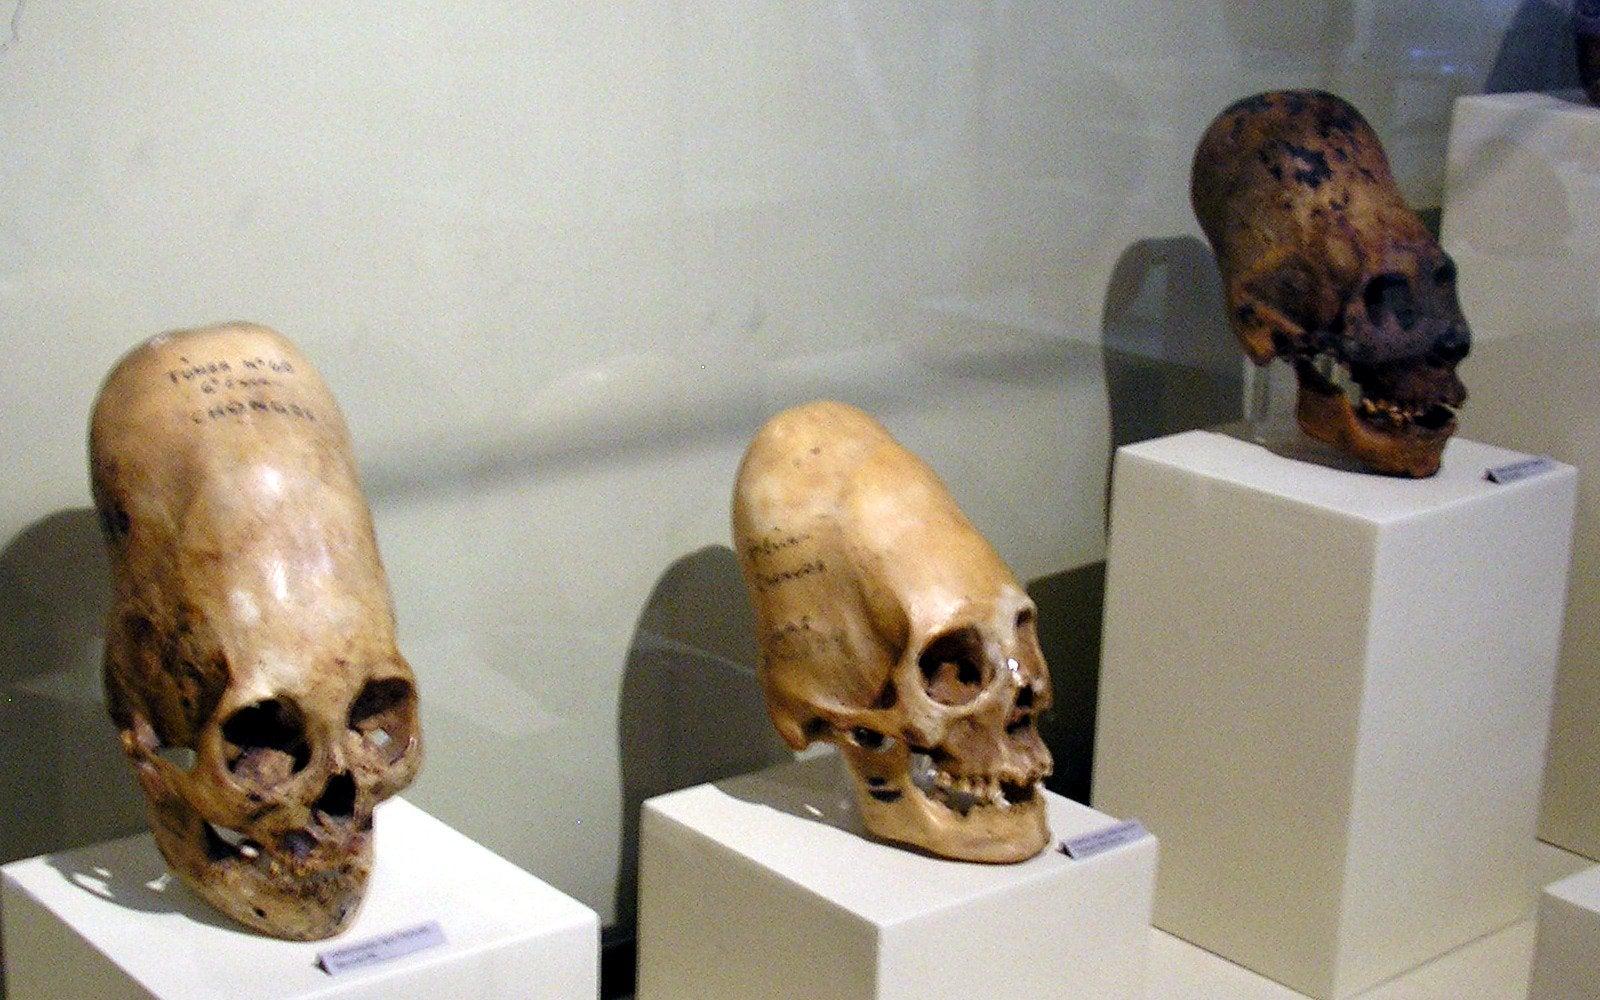 Brian Foerster věří, že výsledky DNA ukazují na poddruhy lidí.